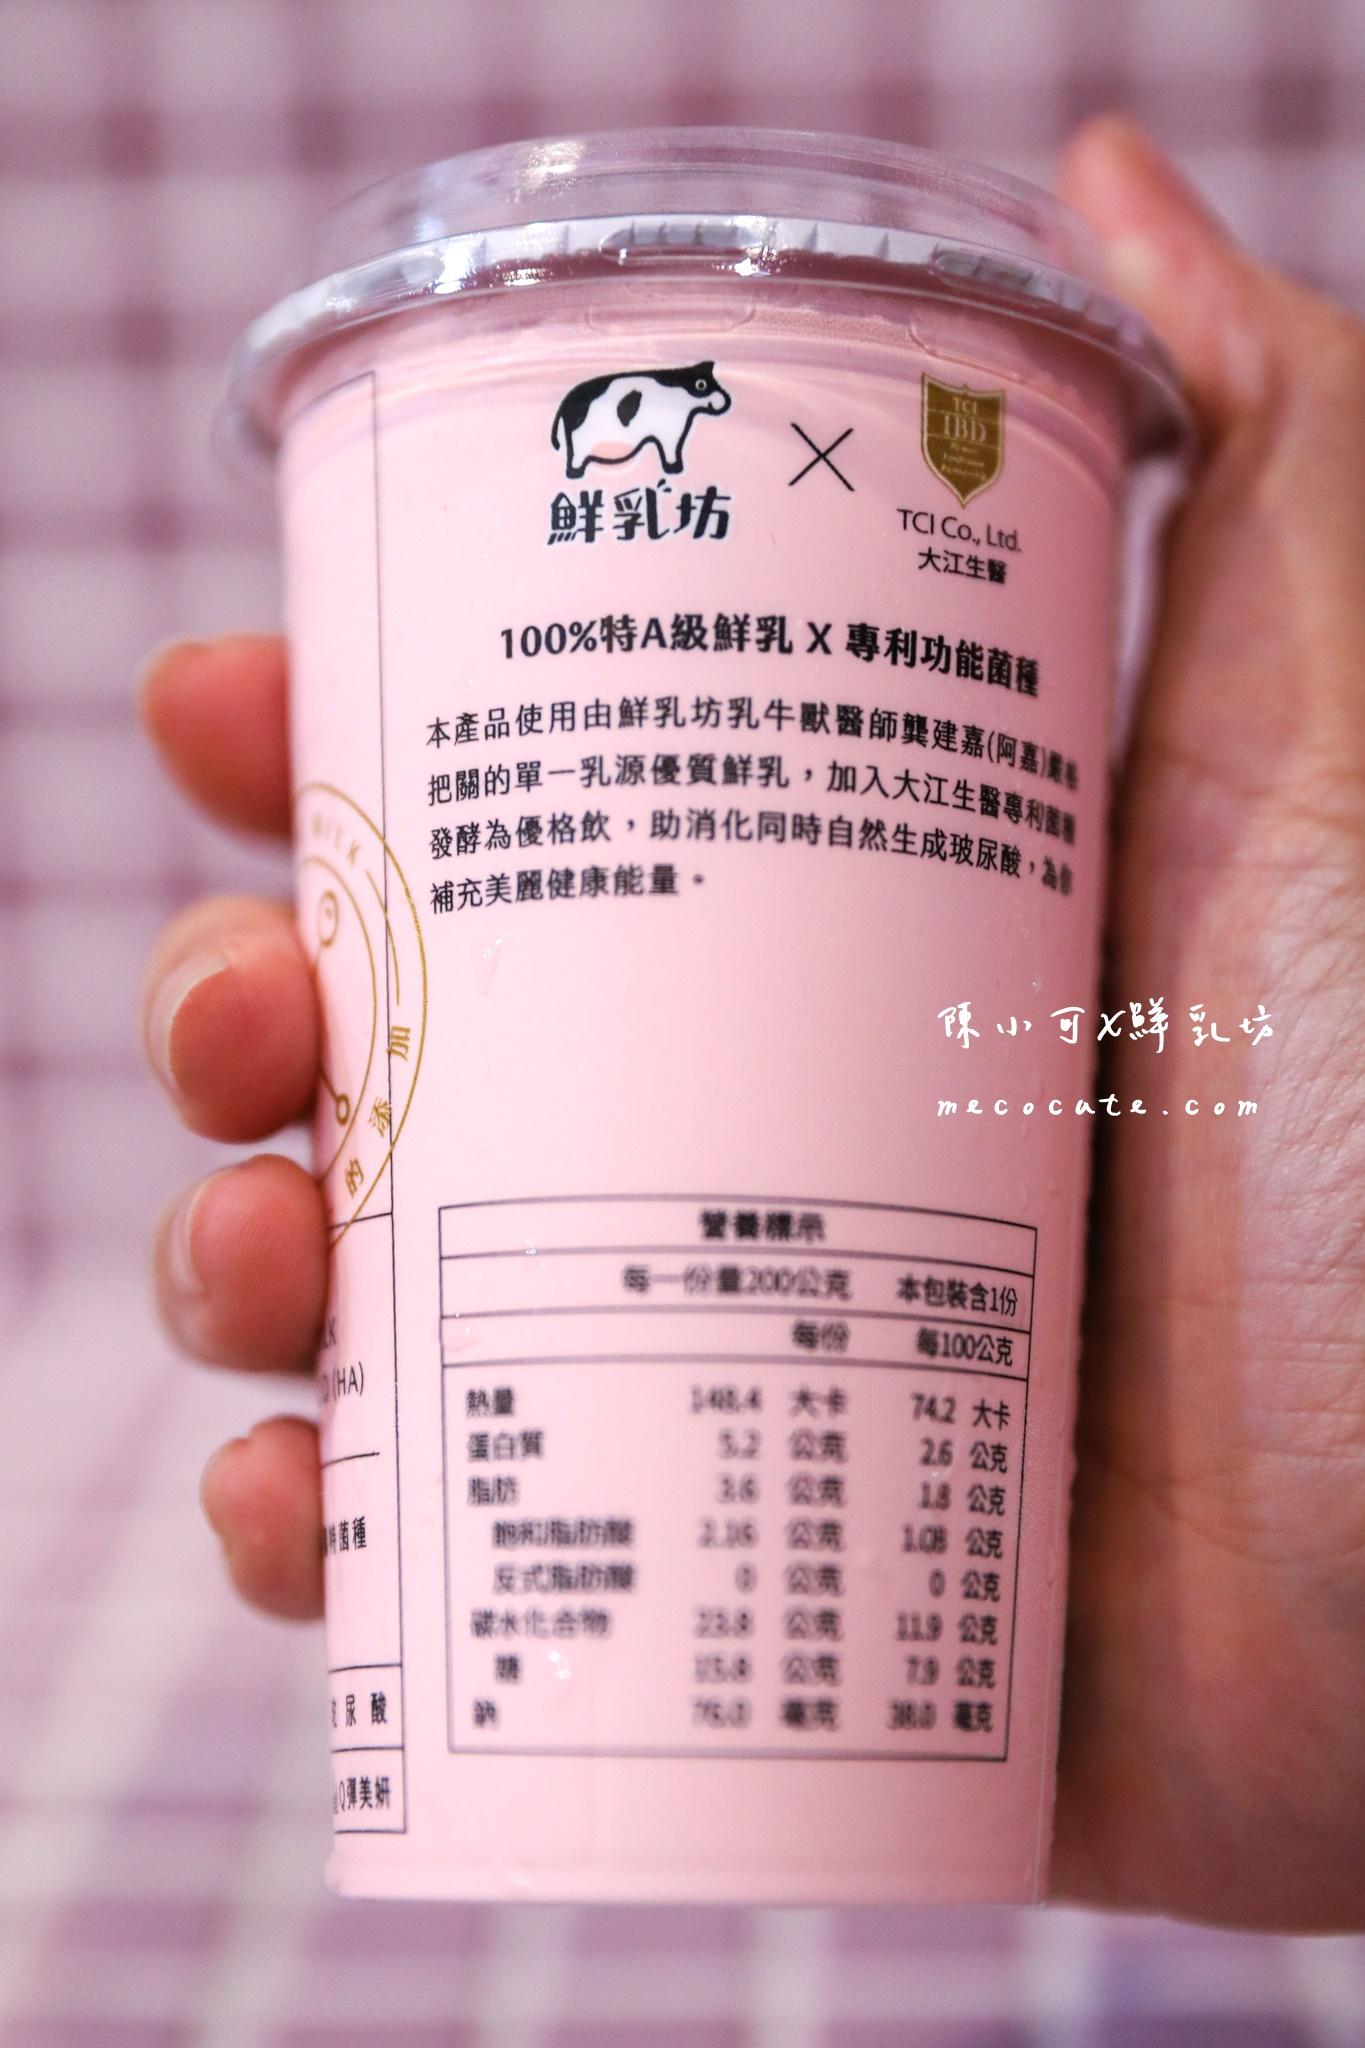 純鮮乳玻尿酸PLUS優格飲,鮮乳坊,鮮乳坊玻尿酸優格,鮮乳坊優格